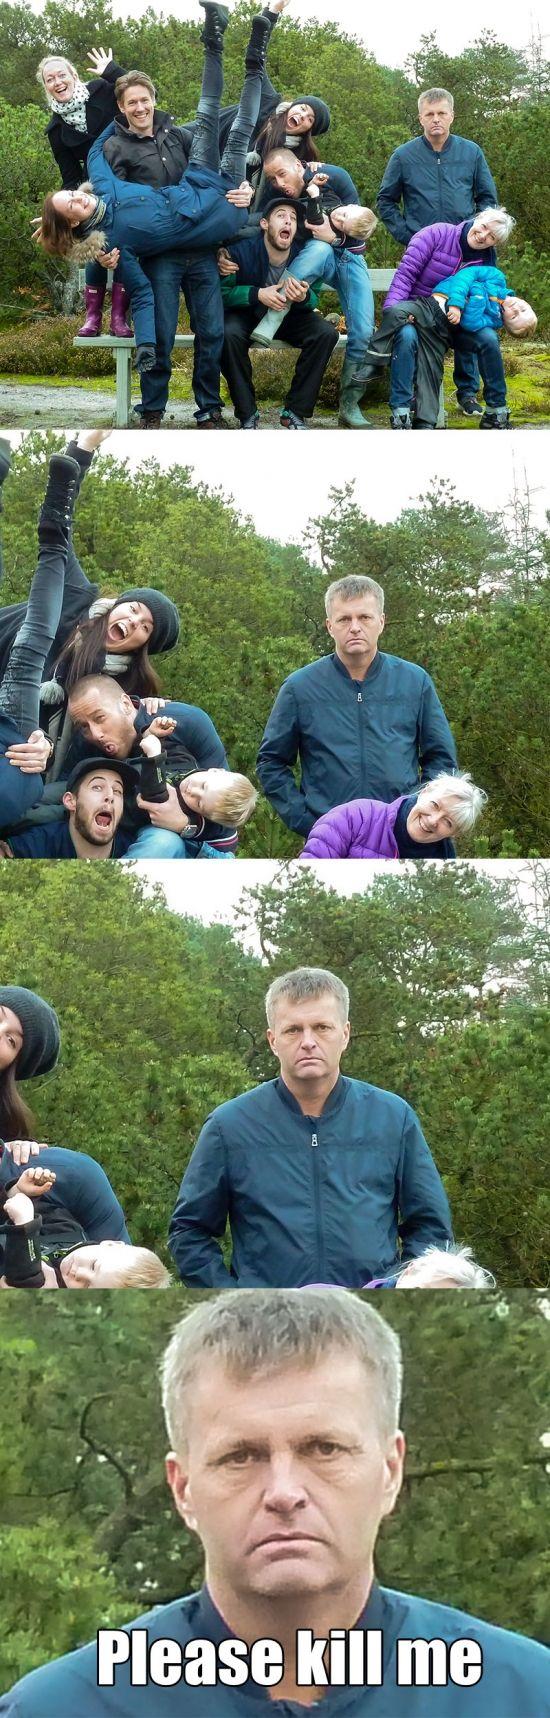 El típico familiar que es la alegría de la huerta